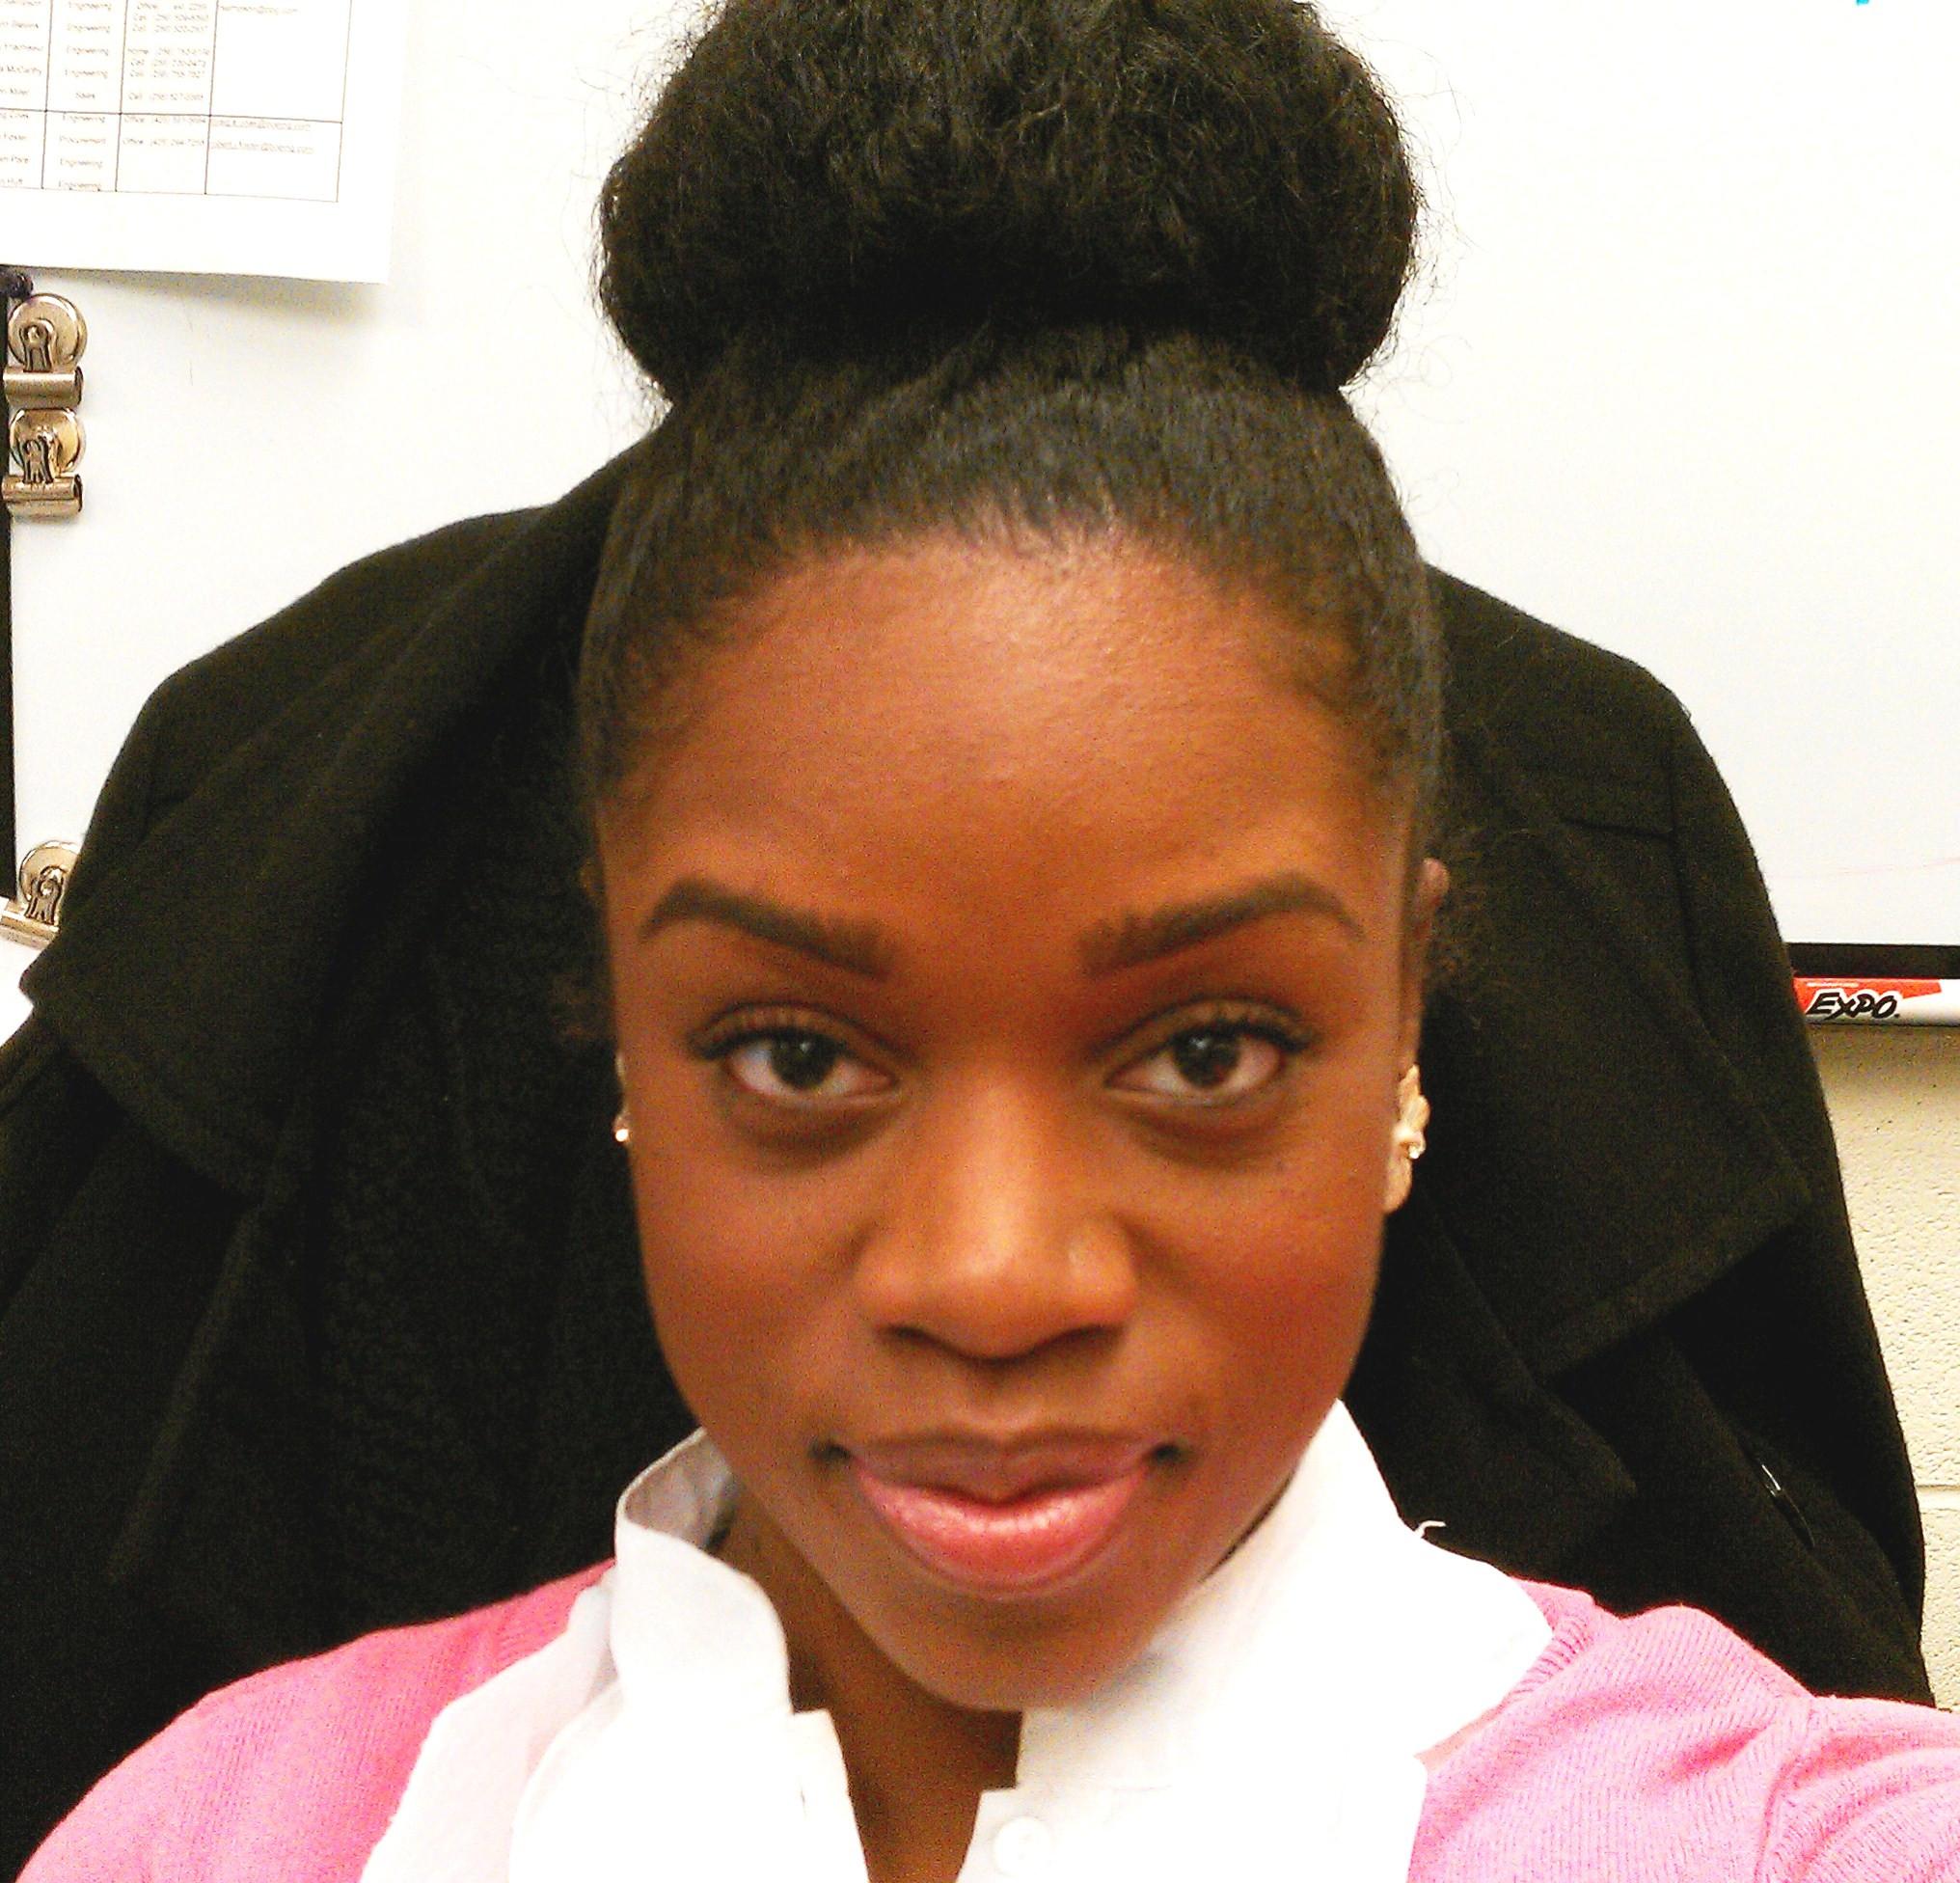 Natural Hairstyles For Job Interviews  Natural Hairstyles For Job Interviews